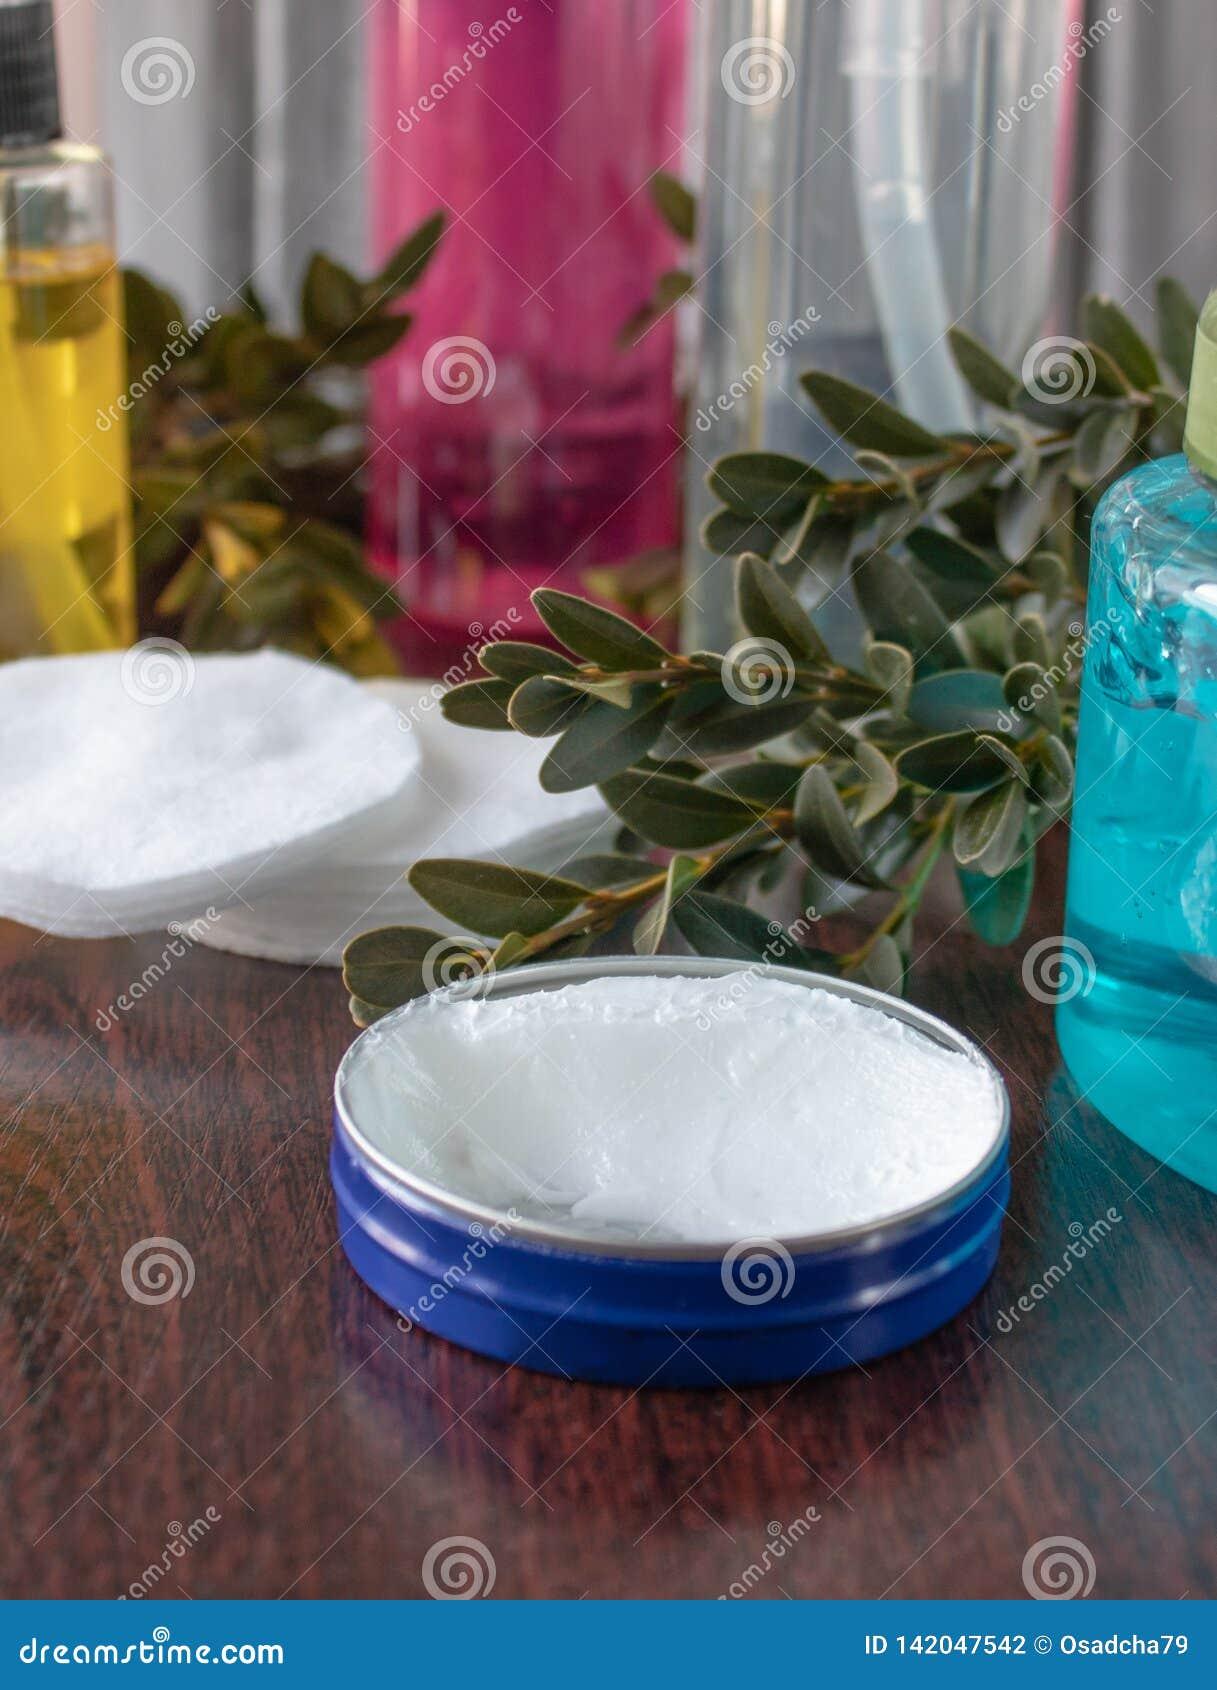 Accesorios cosméticos en un fondo oscuro, crema blanca en un tarro azul